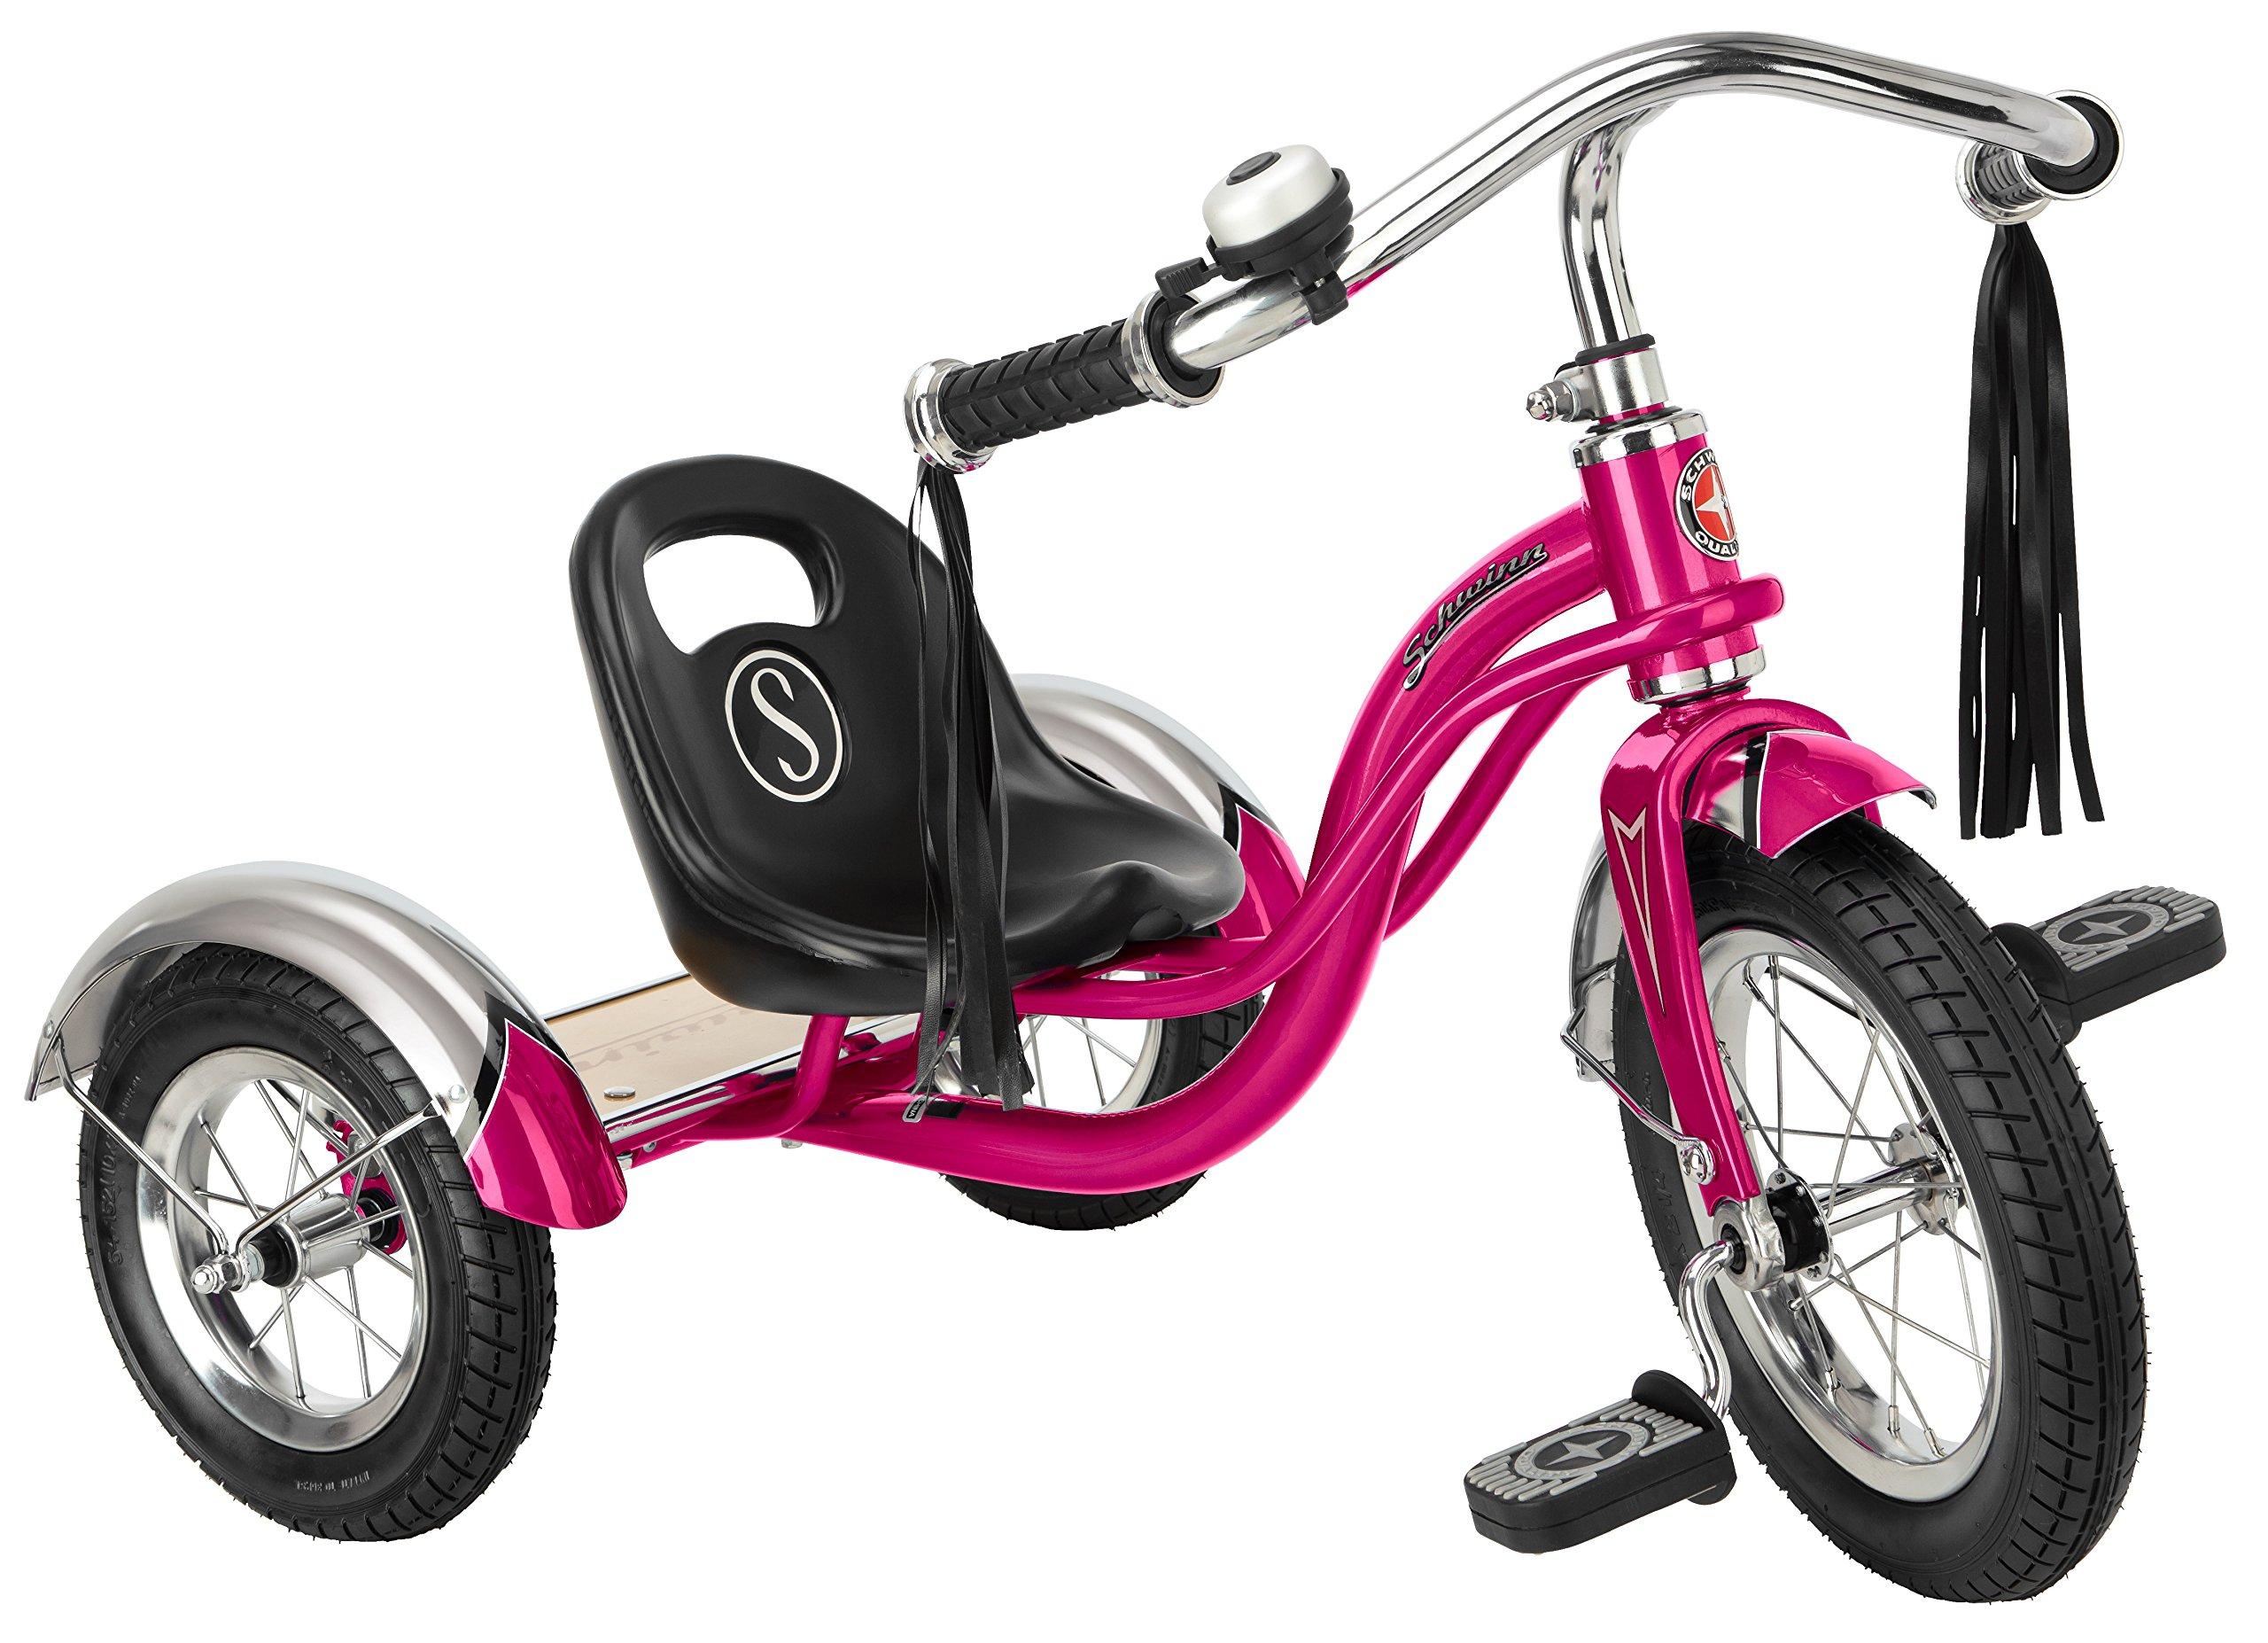 Schwinn Roadster Tricycle, 12'' wheel size, Trike Kids Bike Hot Bright Pink